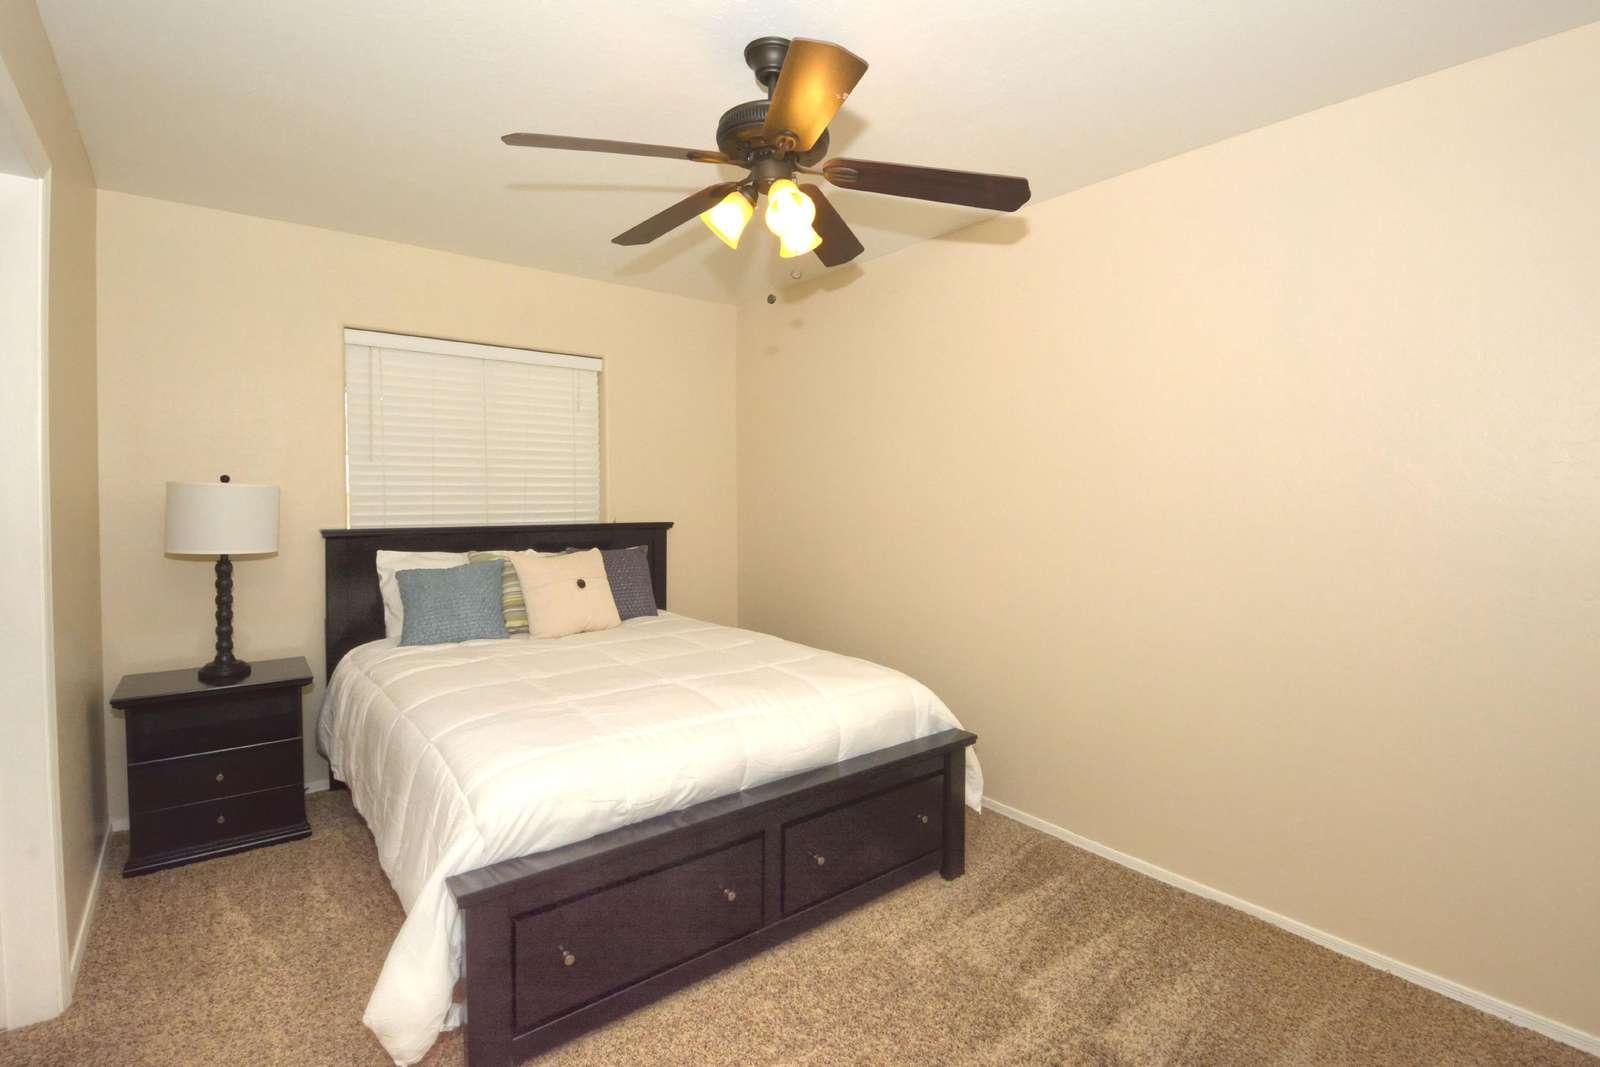 Queen bedroom with en-suite bathroom